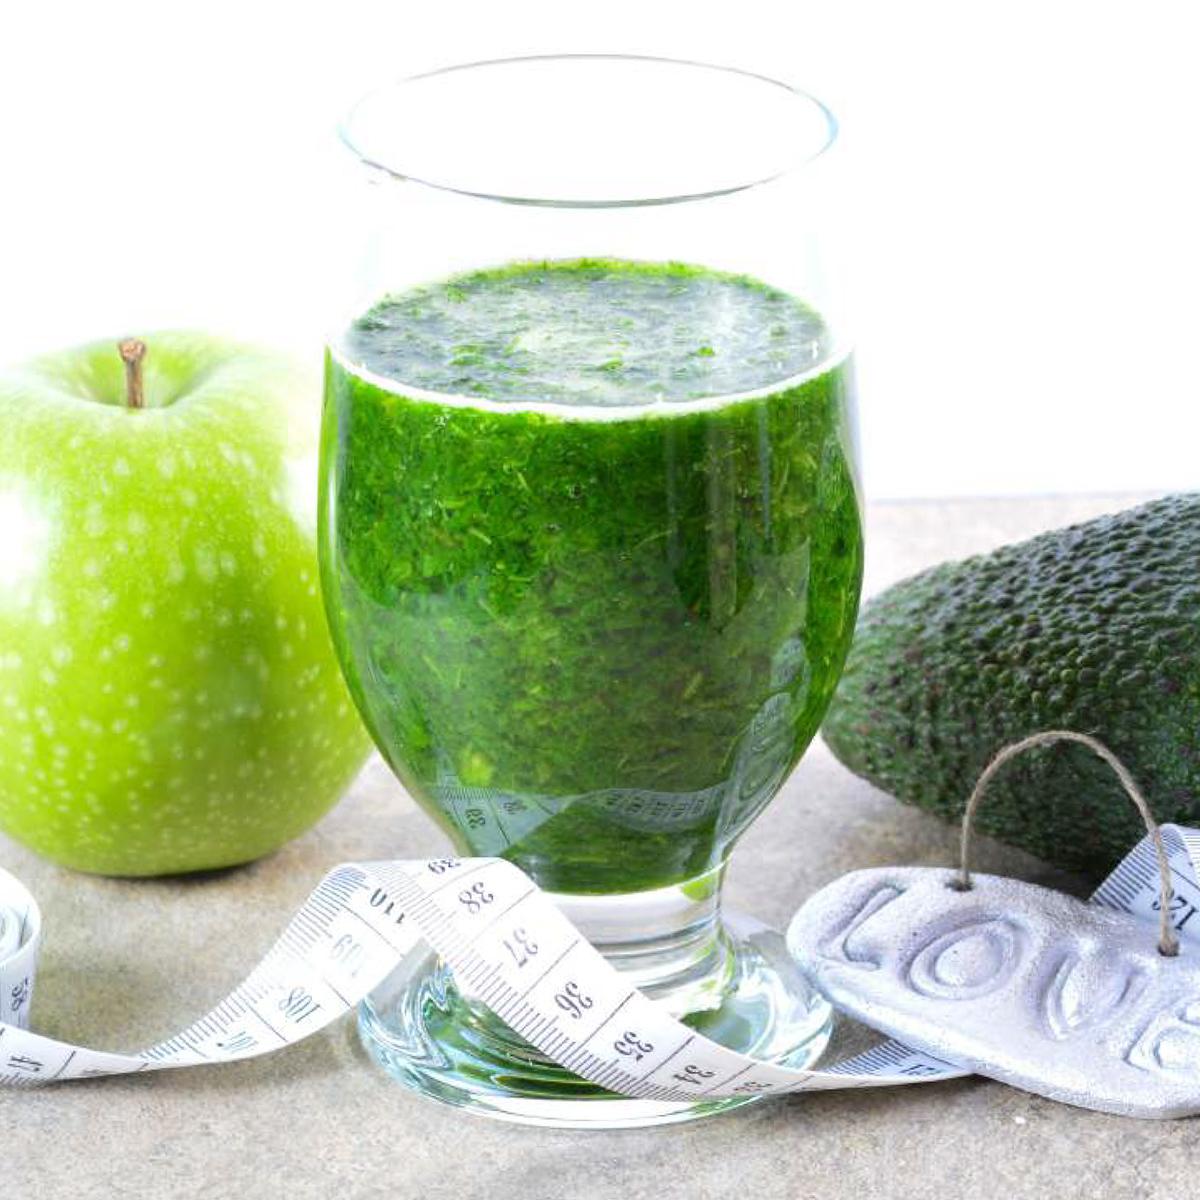 朝が変わる!なめらか「野菜の生スムージー」   皮つき野菜も氷もOK、パワフルな小型ブレンダー